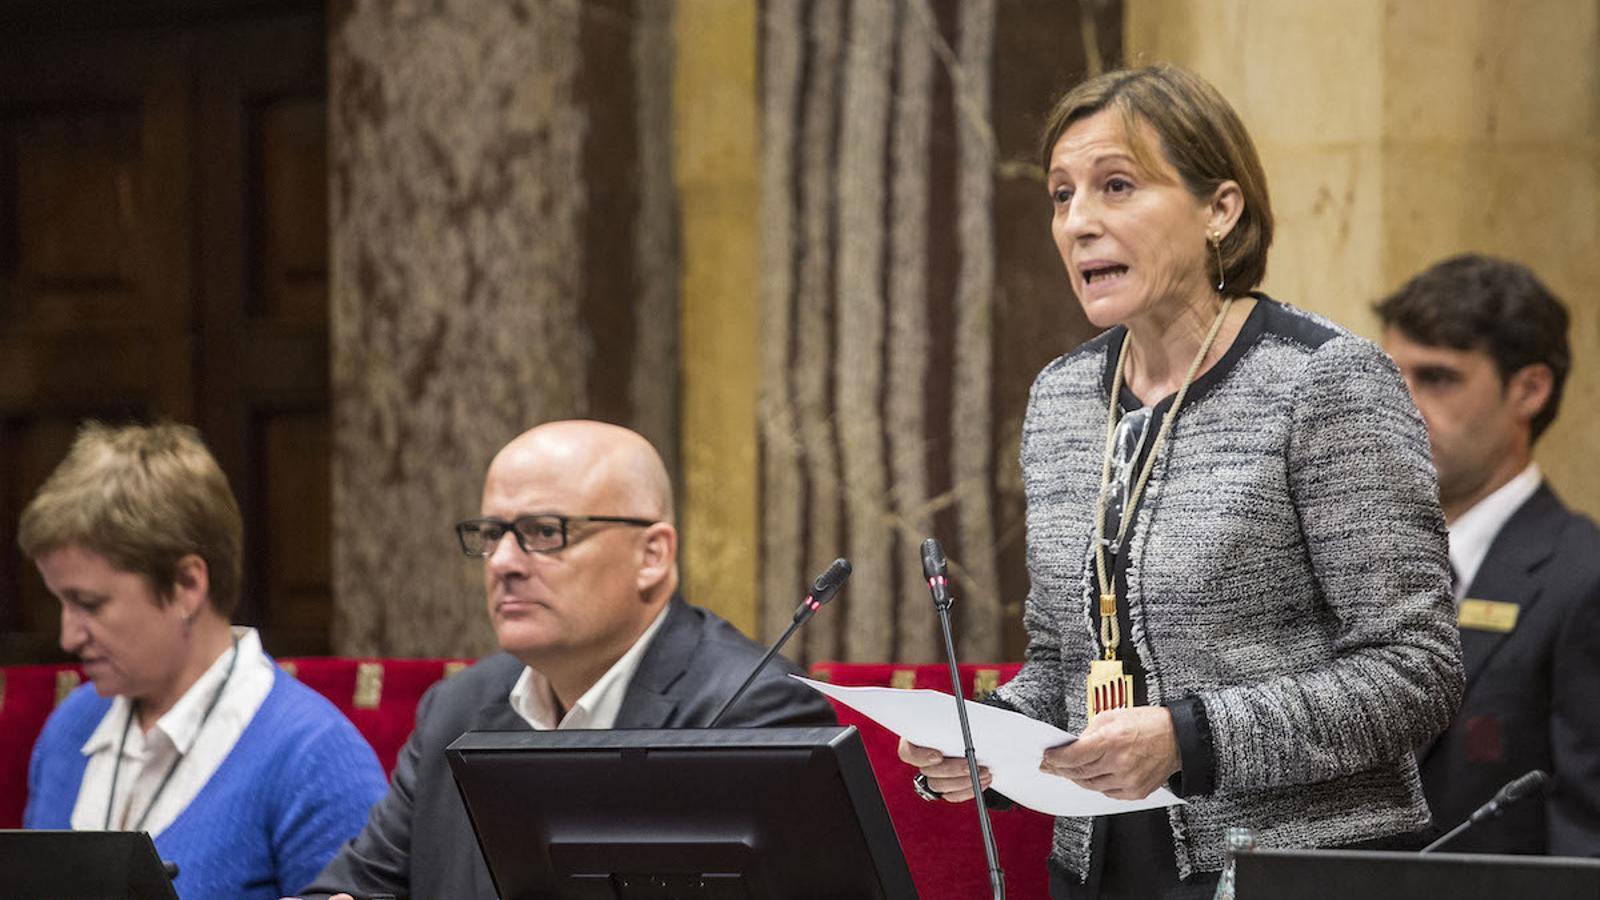 El TSJC engega els tràmits per jutjar la mesa del Parlament per desobediència